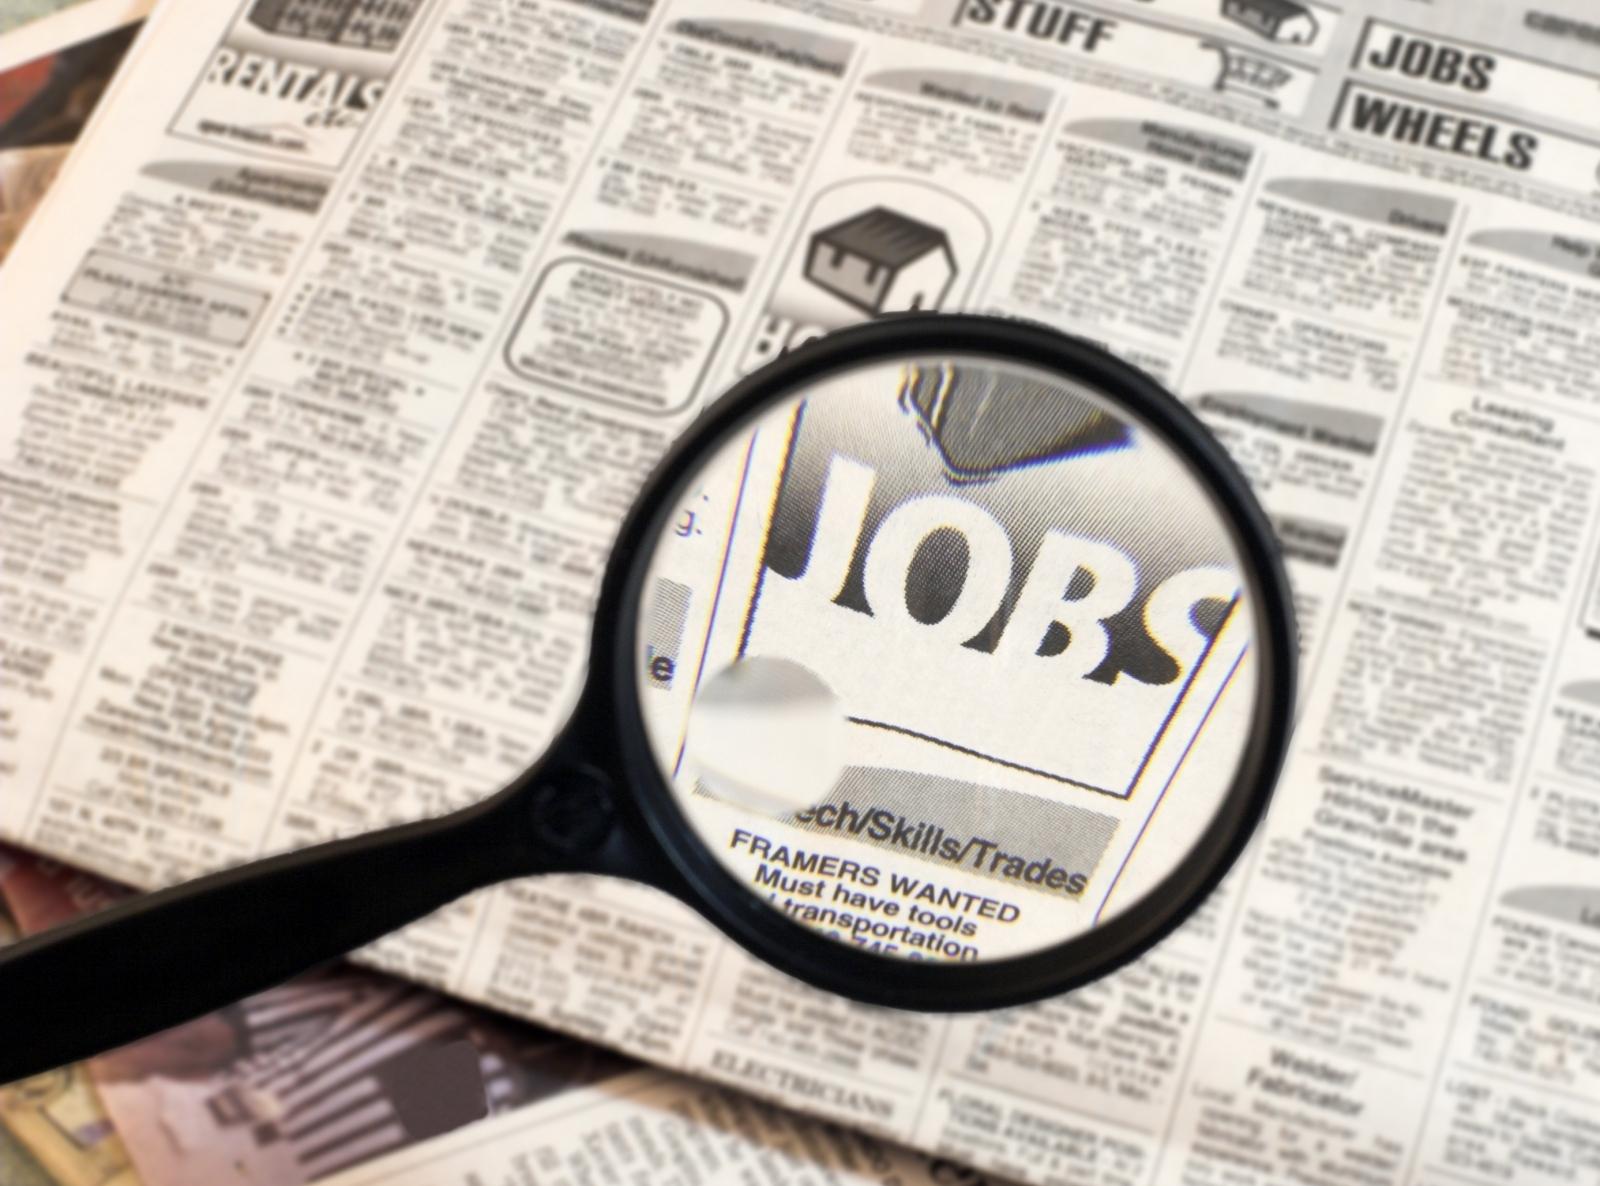 ניסיון - חיסרון, האם השמרנות של המעסיקים בישראל מונעת מהם למצוא עובדים טובים יותר?